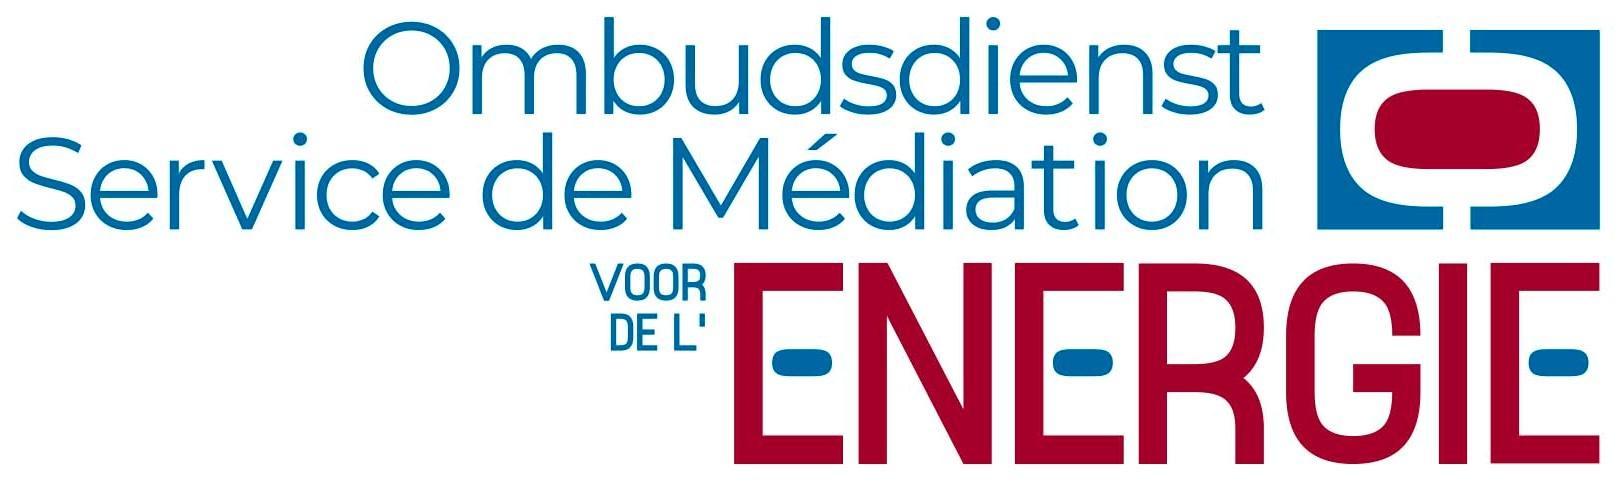 Return to the Ombudsman Energie homepage